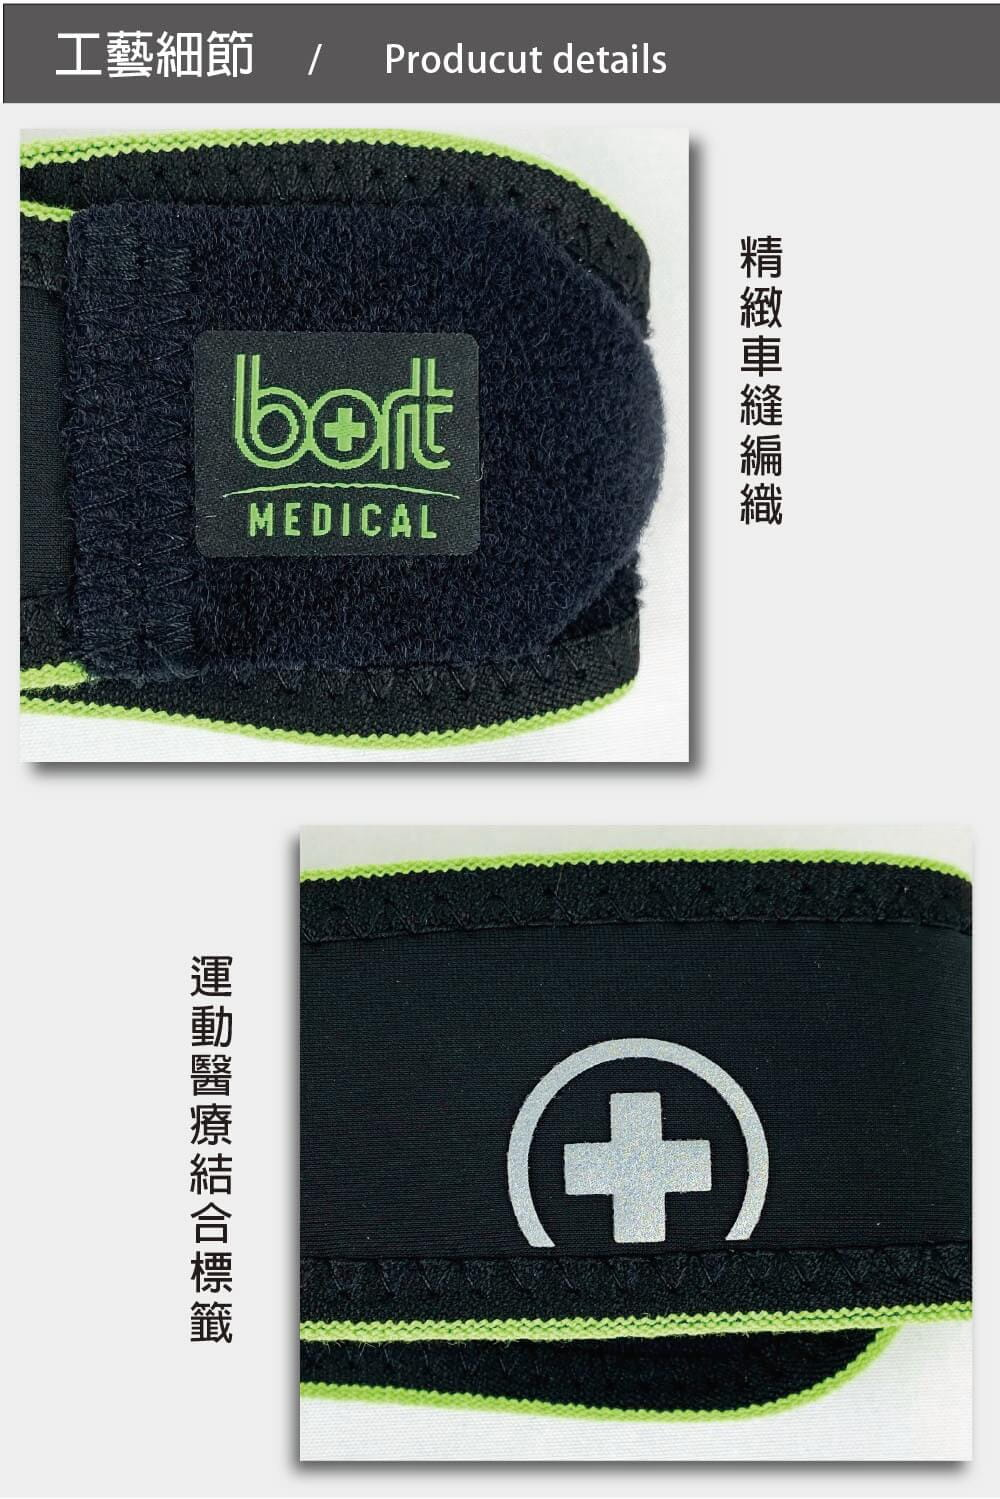 【居家醫療護具】【BORT】德製矽膠髕骨下護具(髕骨帶) 4